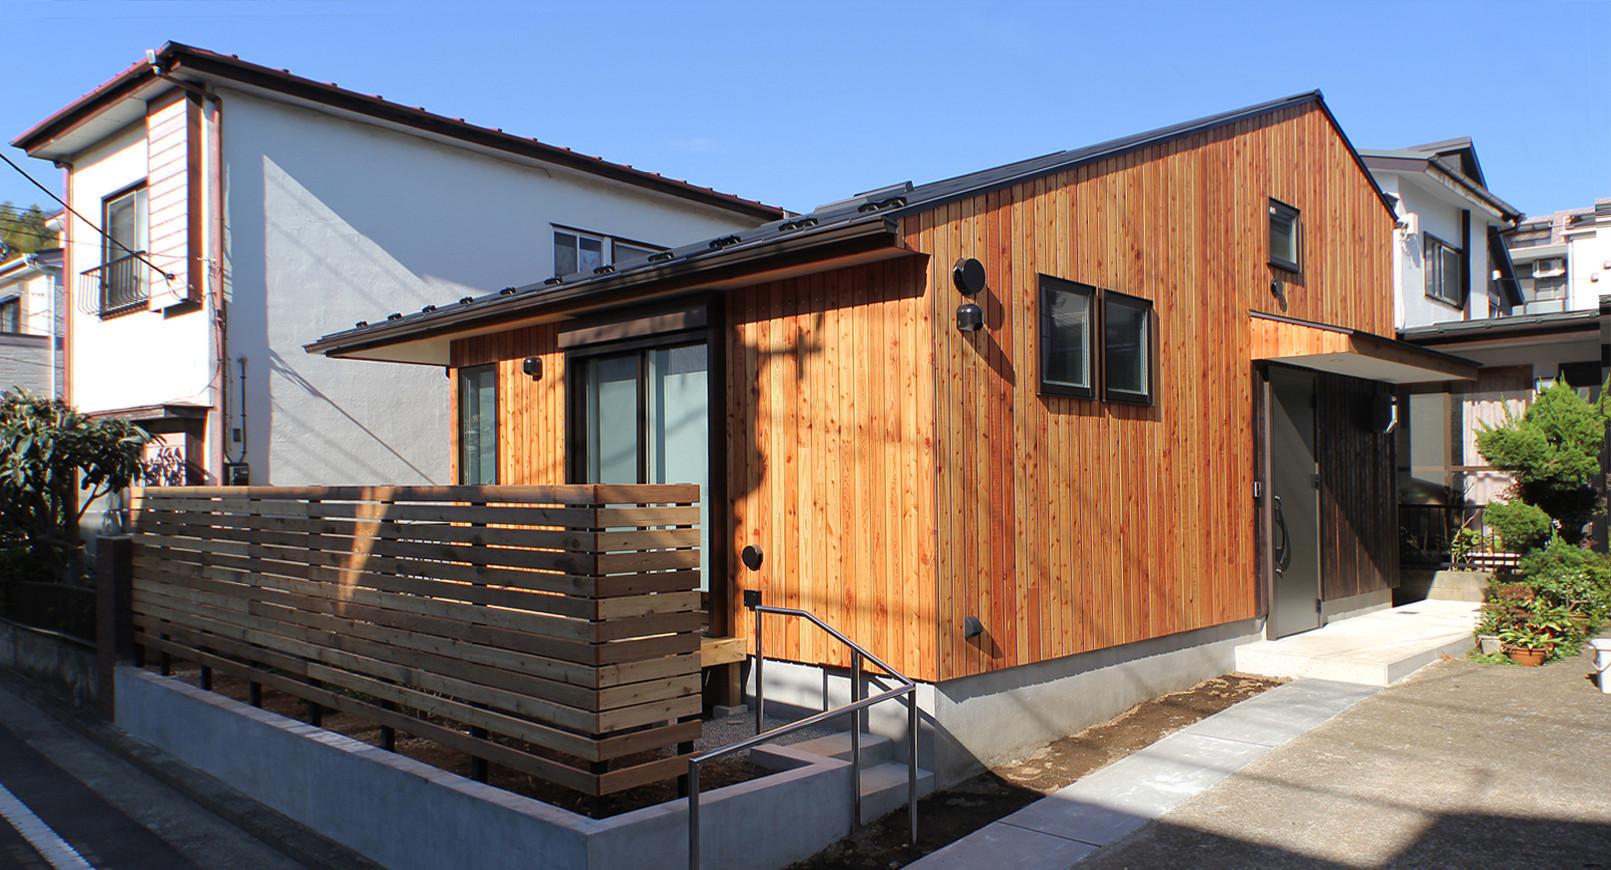 準防火エリアにより防火サッシという制限がありますが、外壁は不燃性の合板を使うことで木を張ることも可能です。無機質なサイディングばかりの準防火エリアで木の家はとても素敵です。   小さく棲む家、平屋と思えない開放的な暮らし